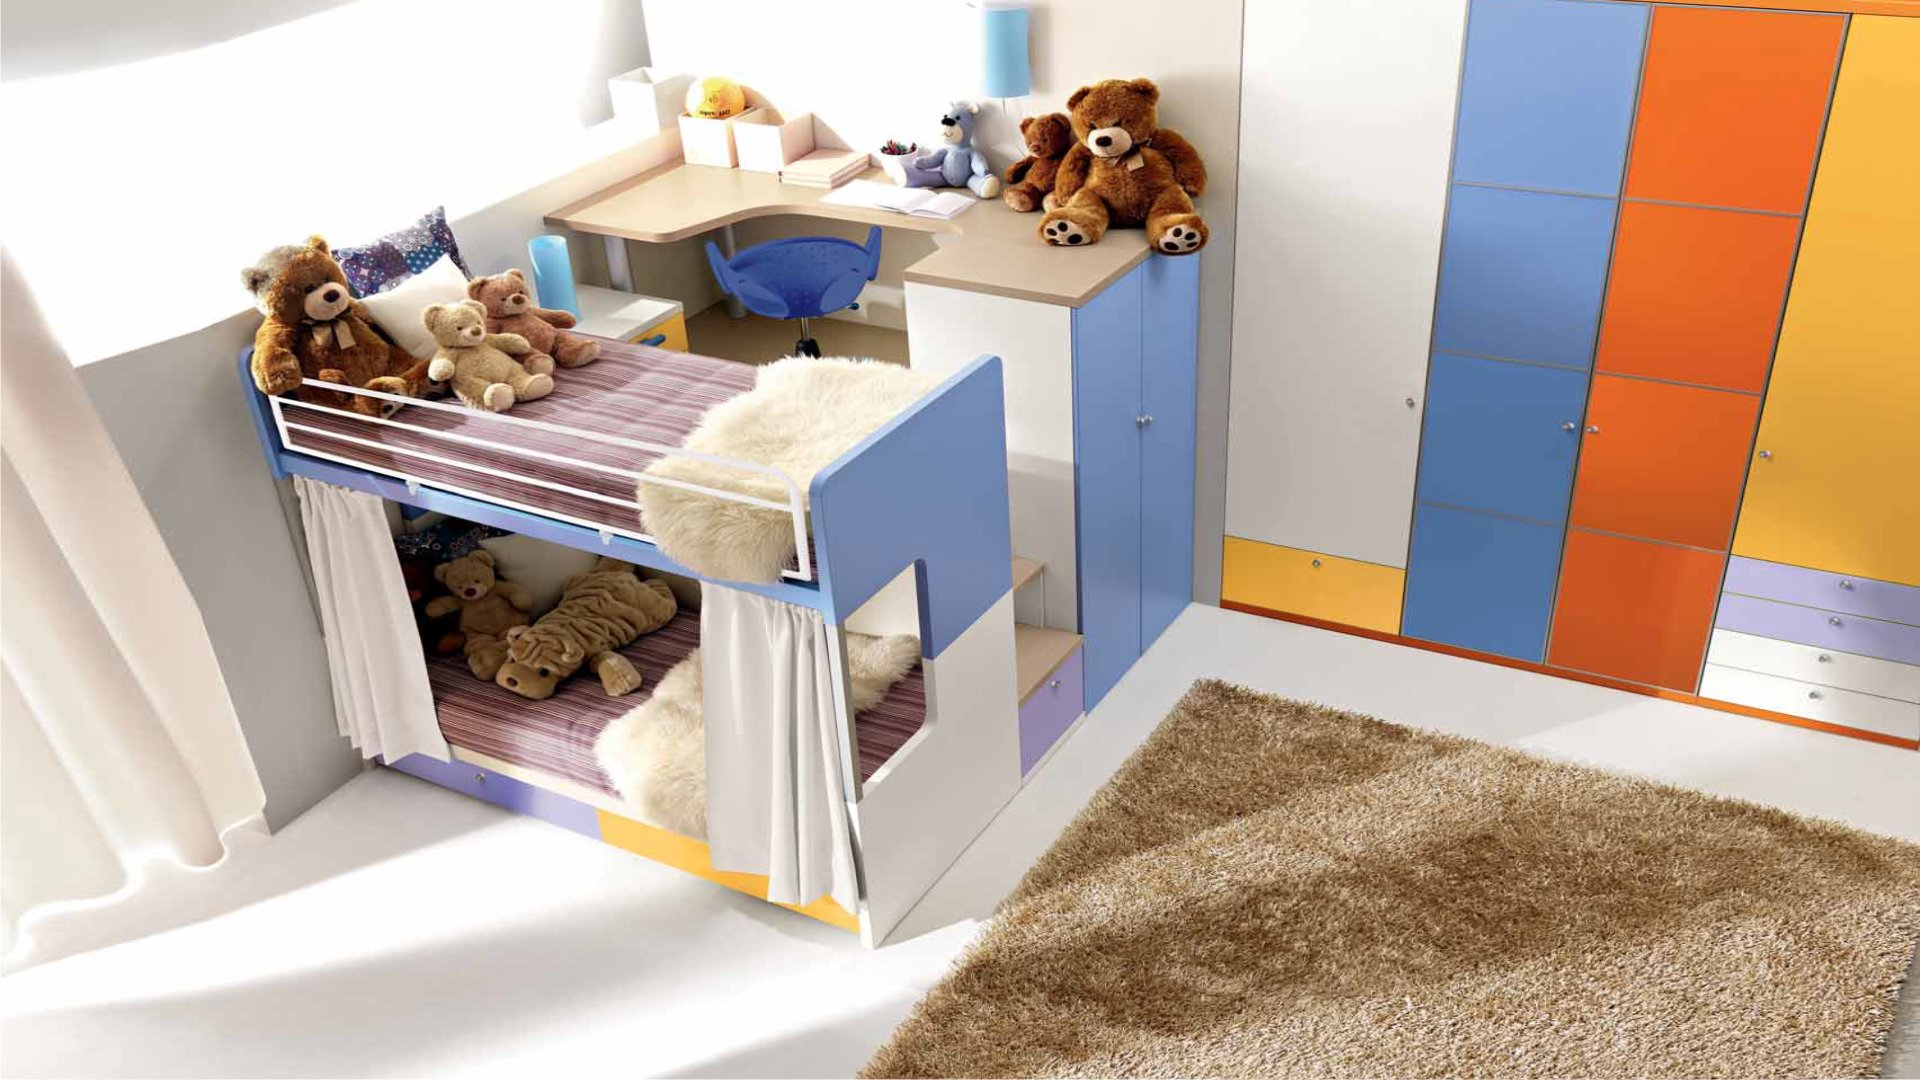 camerette dalla fabbrica: camere per ragazzi e per bambini - Mobili Design Per Bambini Milano